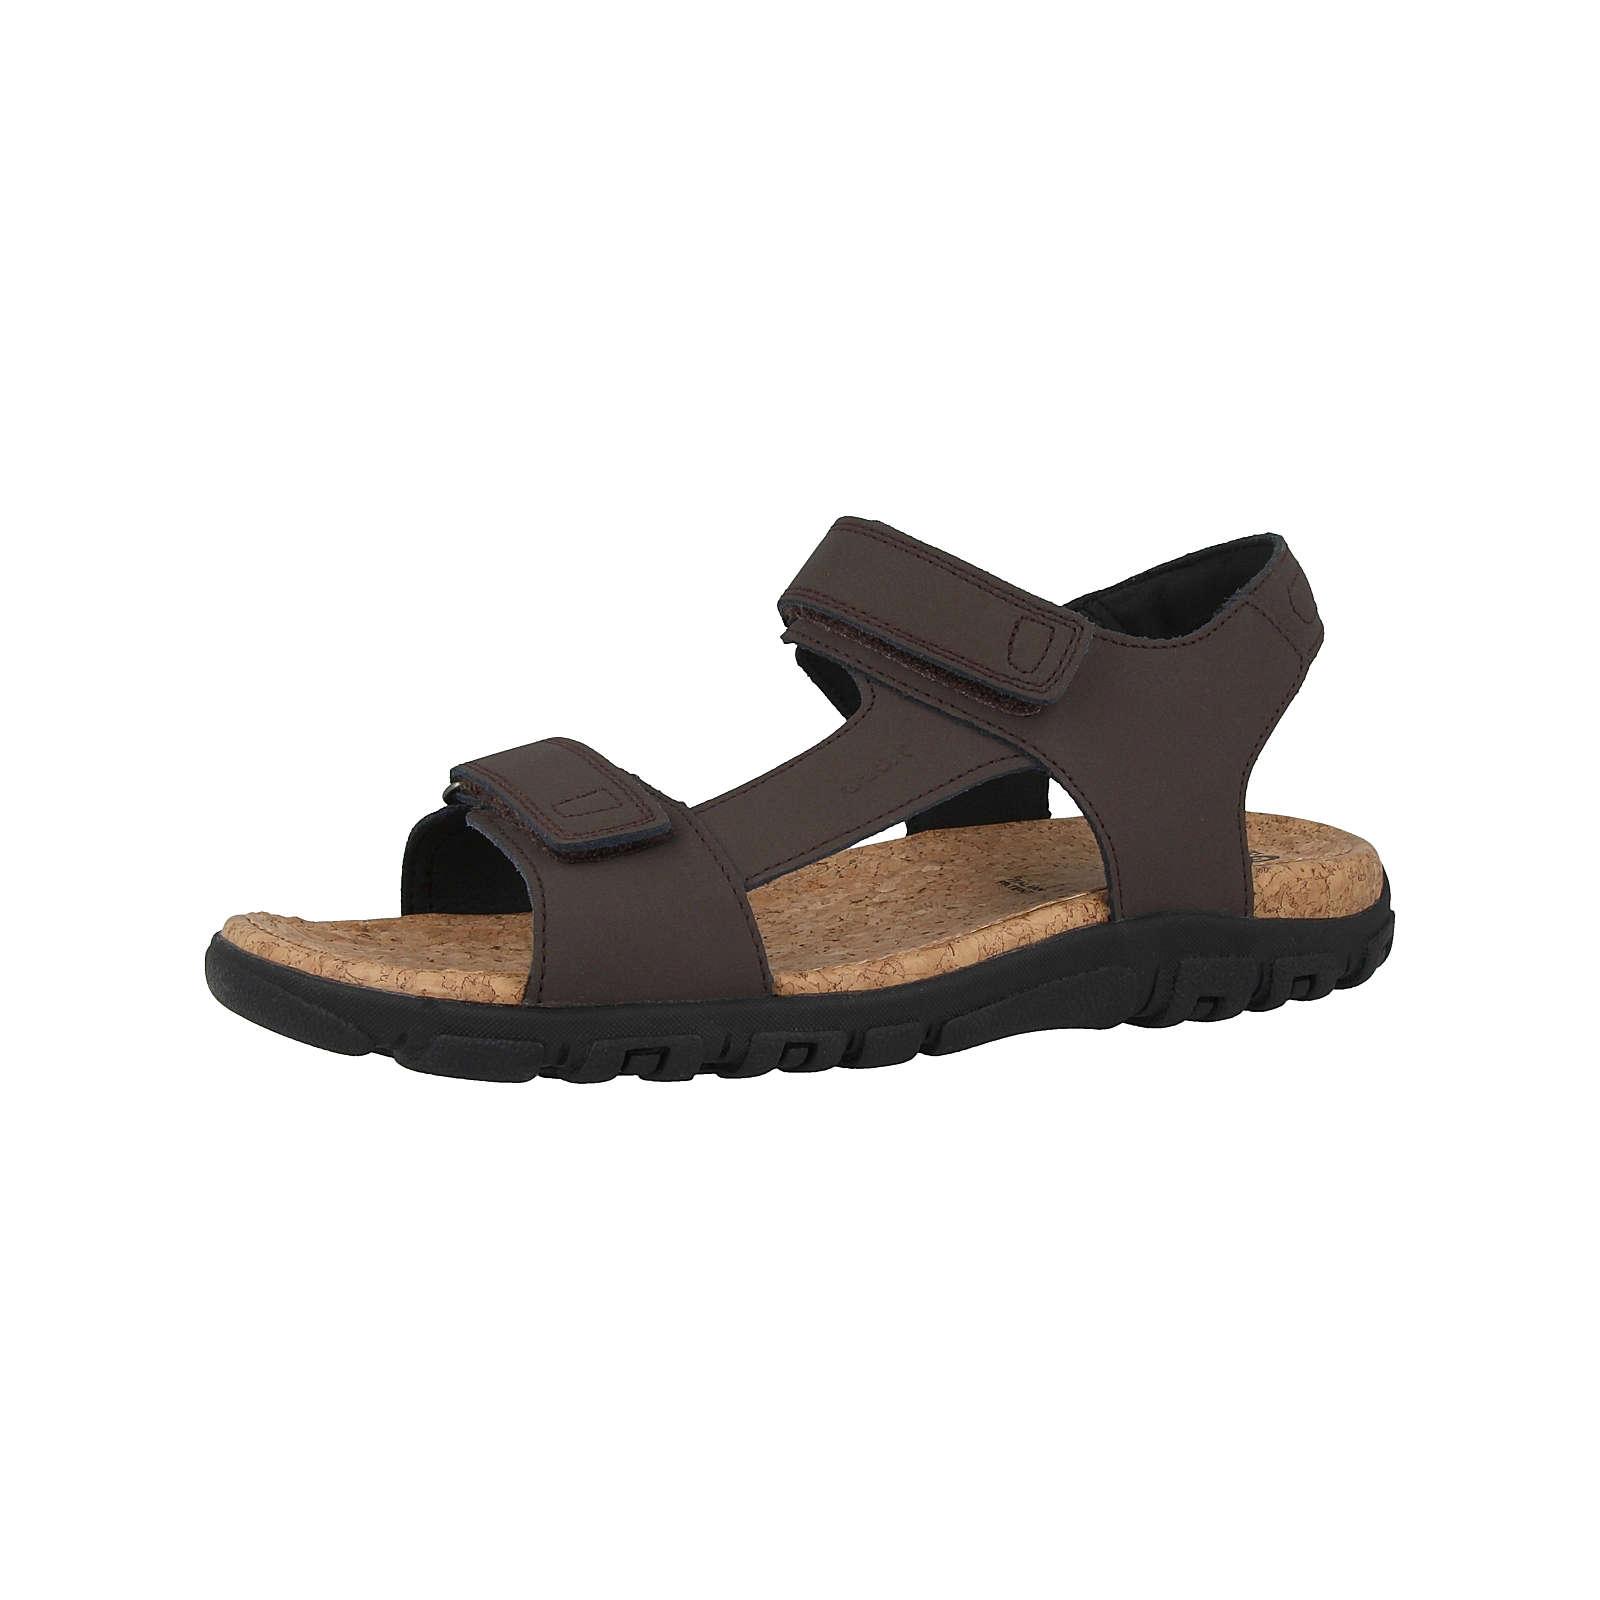 GEOX Schuhe U S.Strada C Klassische Sandalen braun Herren Gr. 43